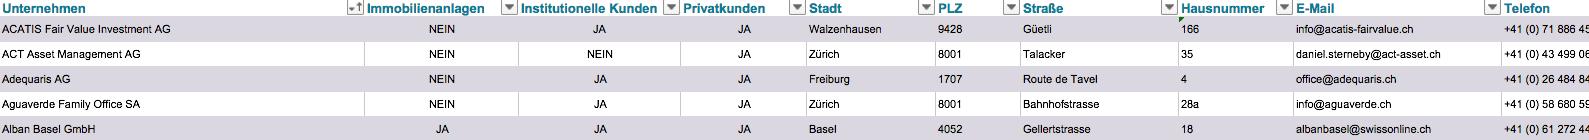 Größte Asset Manager Schweiz